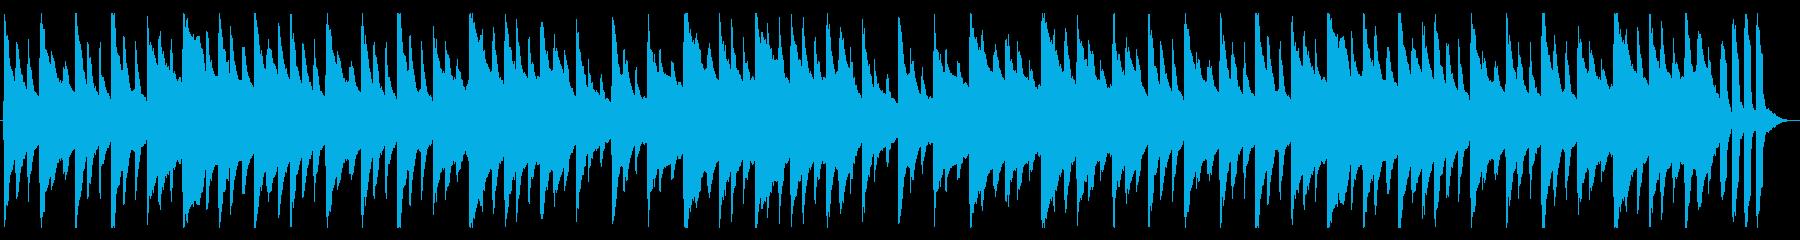 平和な雰囲気のハープシコードの再生済みの波形